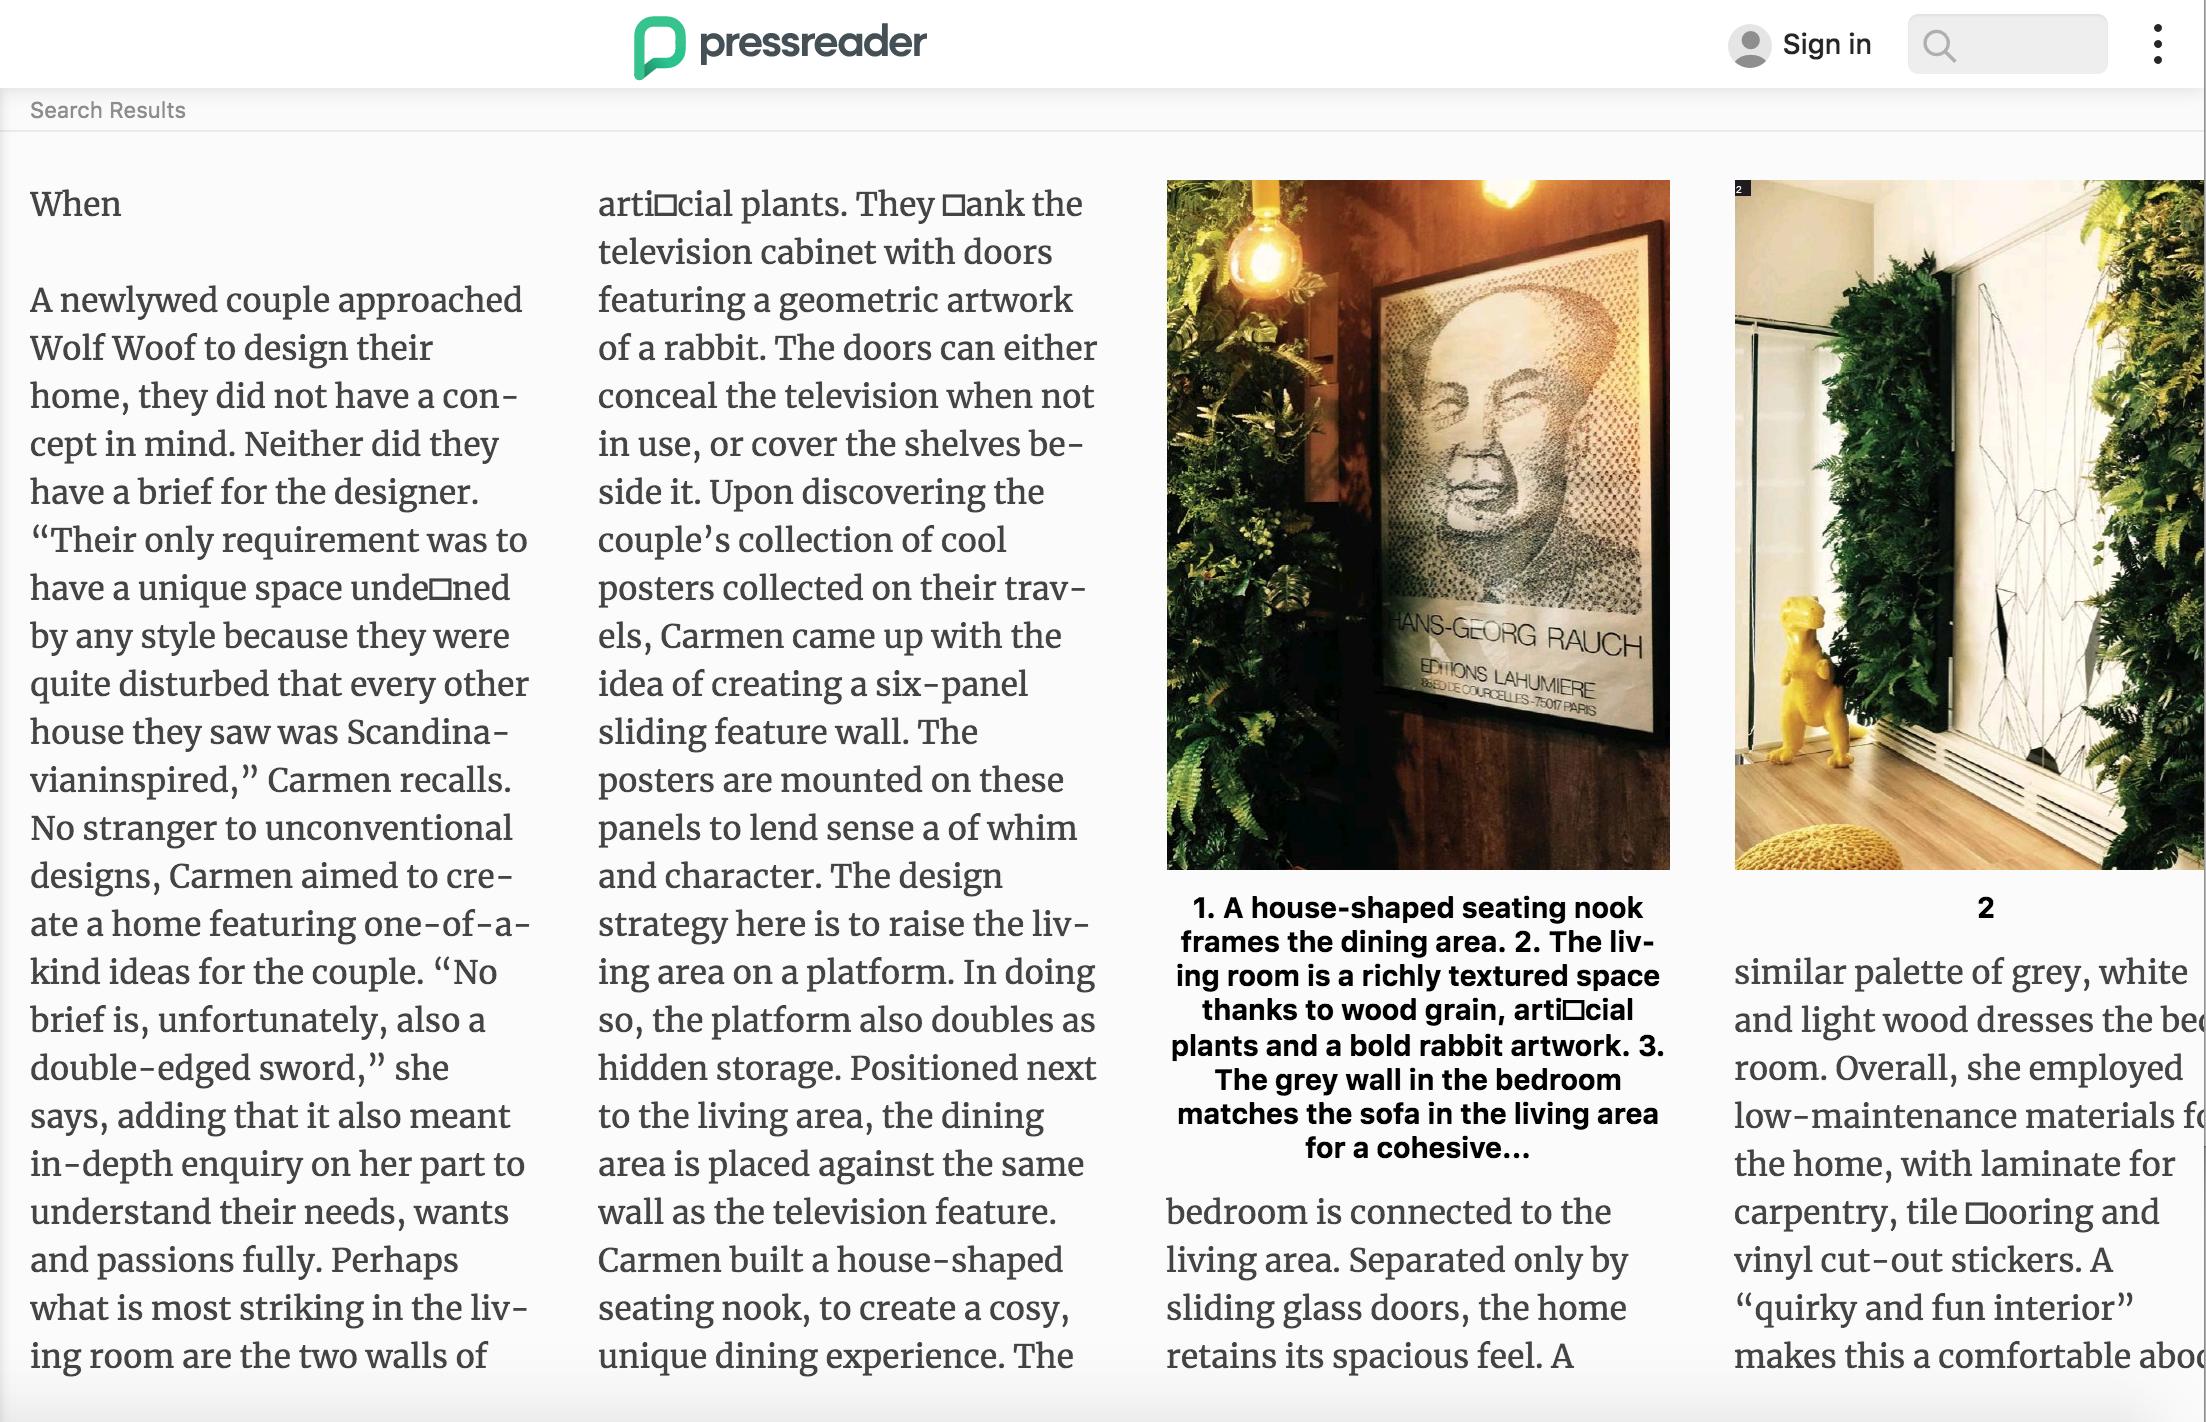 Pressreader - https://www.pressreader.com/singapore/home-decor-singapore/20180601/282497184347069